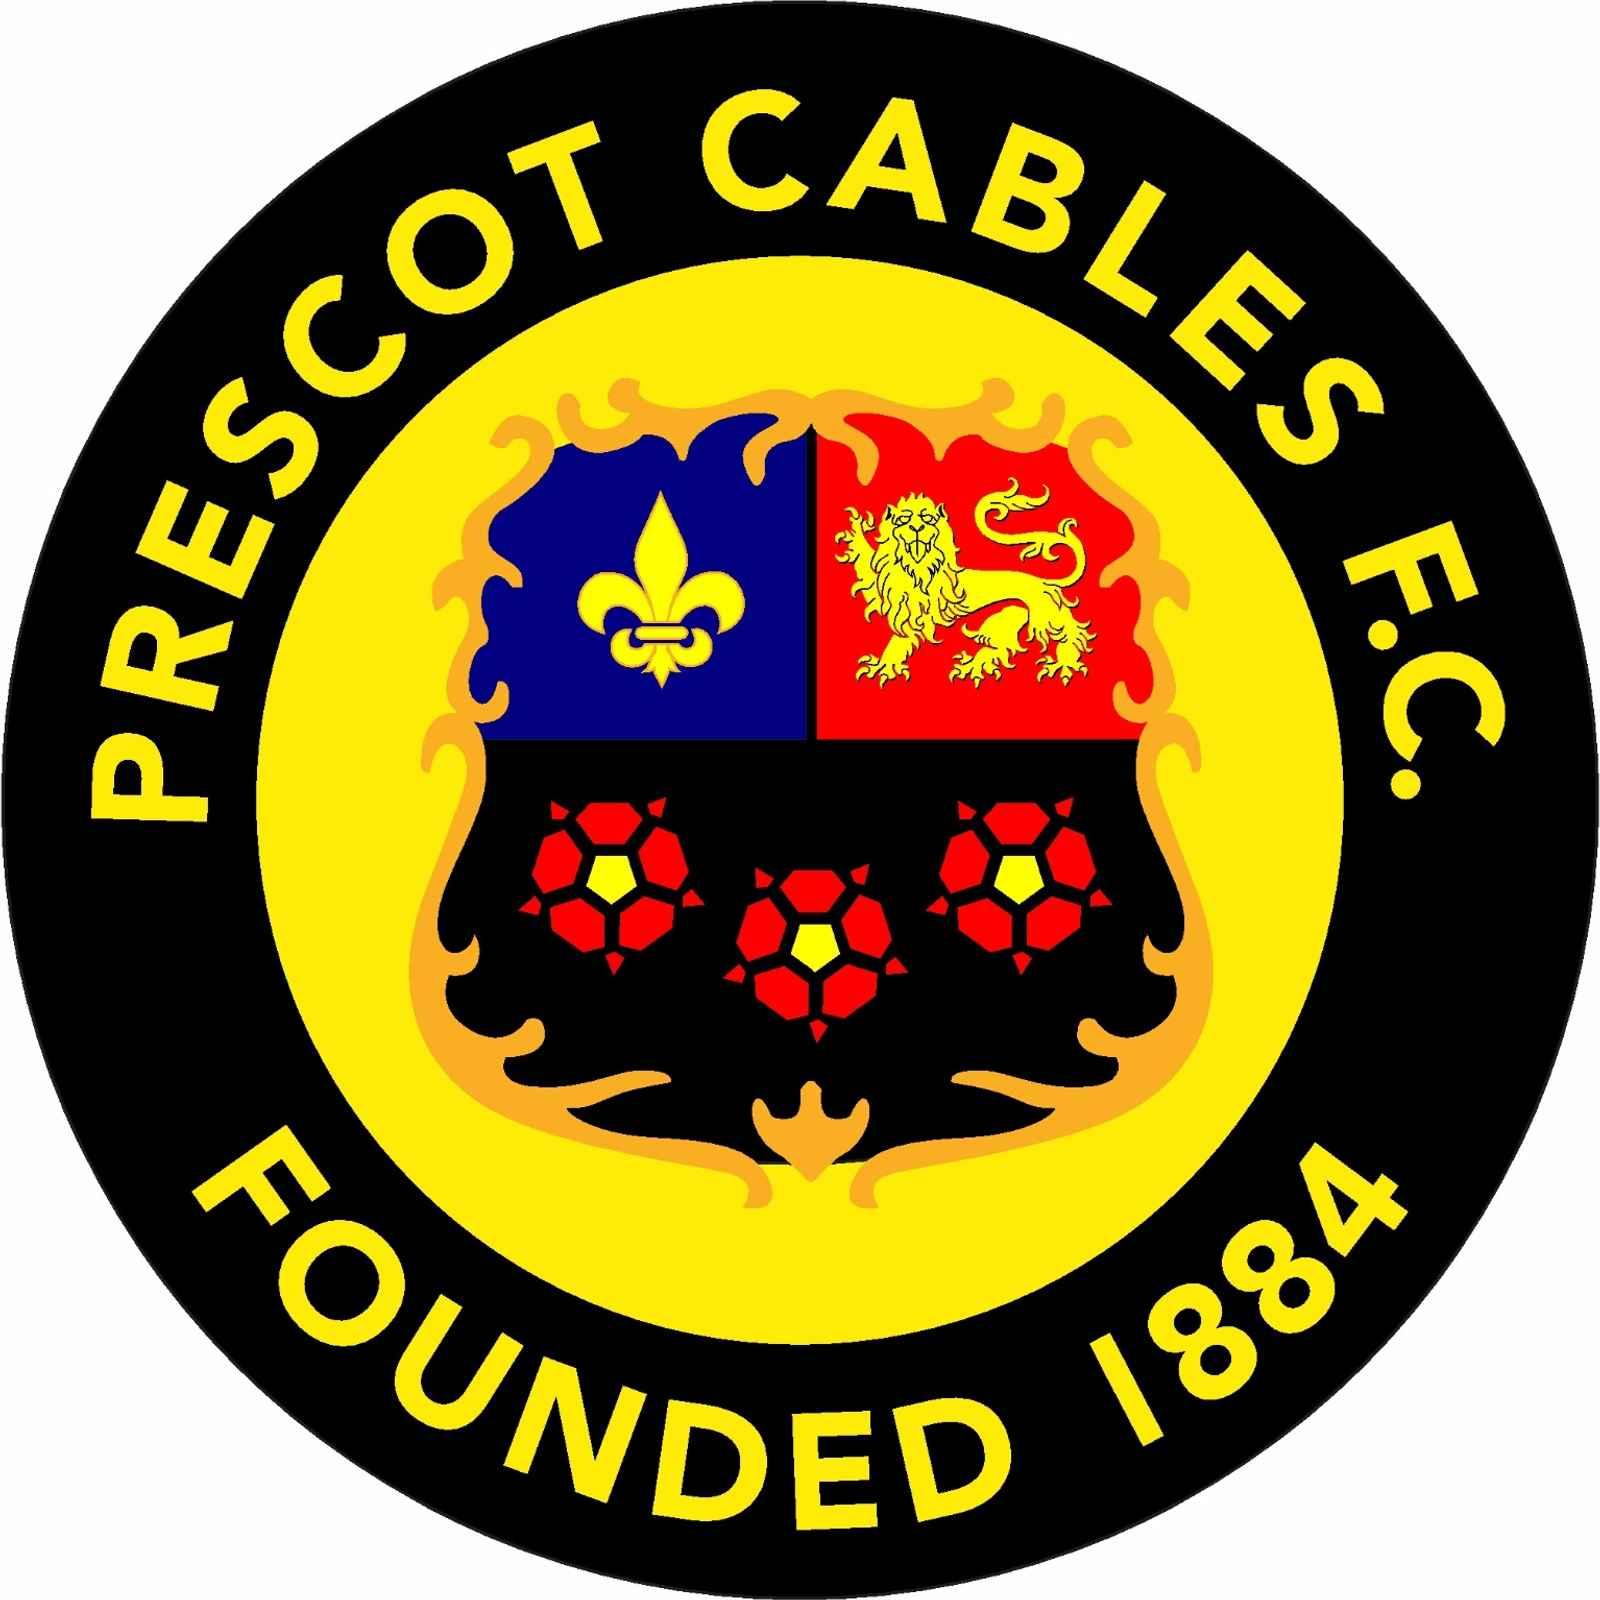 Cables Launch Online Club Shop